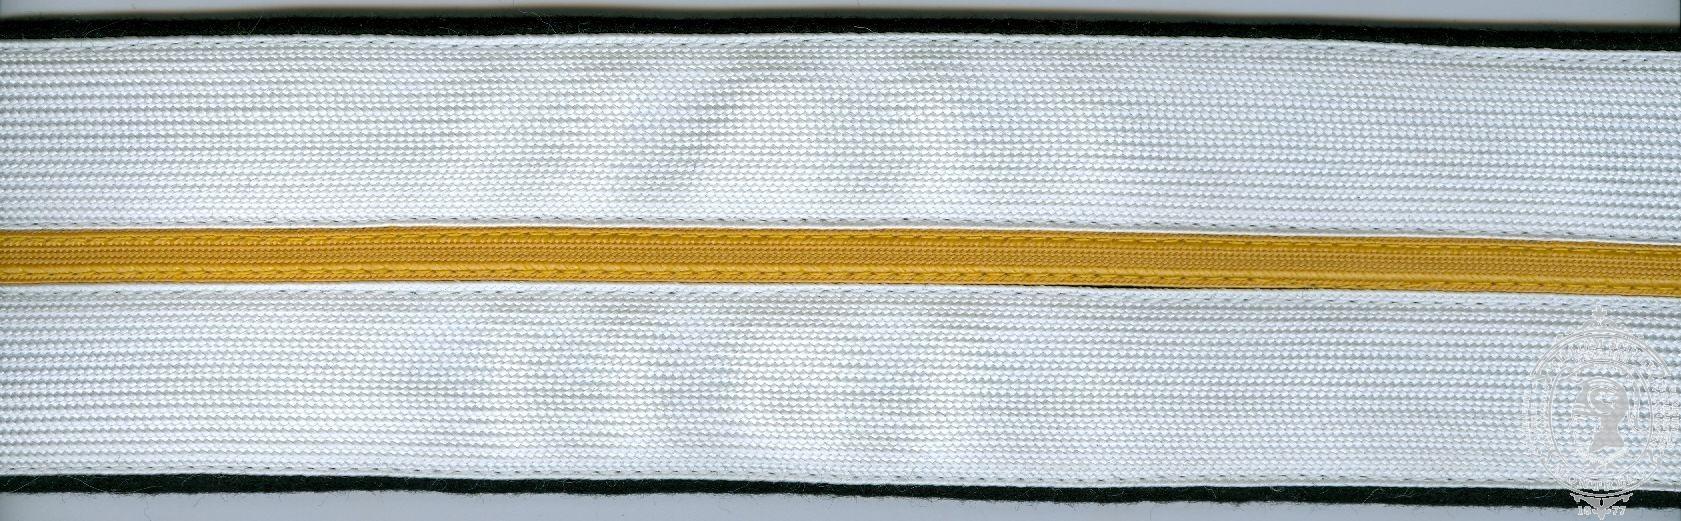 """2-1/4"""" Ceremonial Belt, Fabric, 2 Rows 1"""" Rayon Braid w/ thin band"""